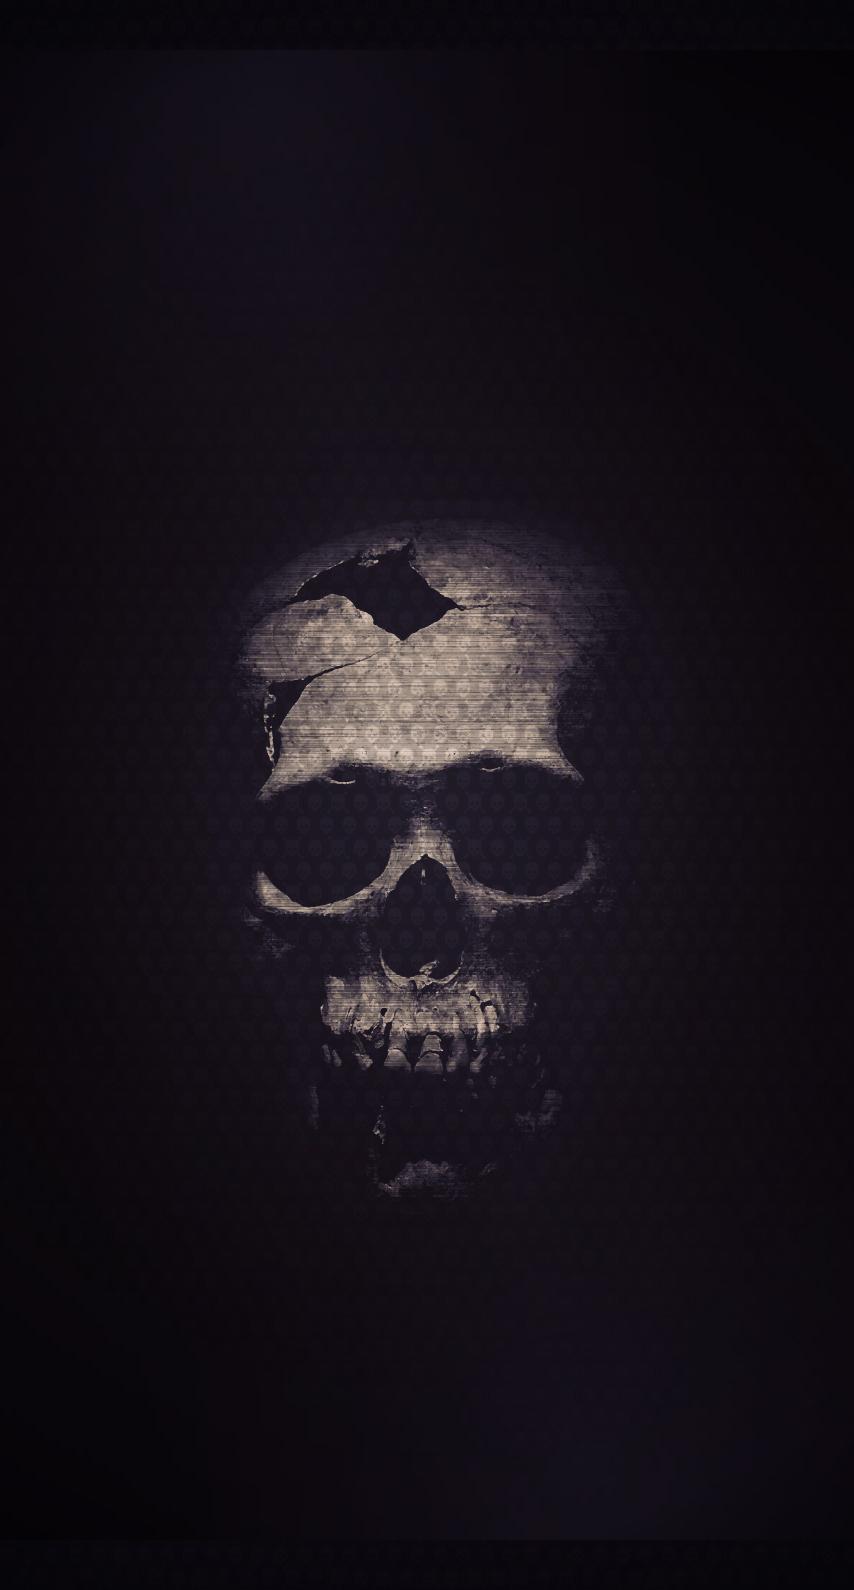 halloween, vicious, fear, eerie, horror, skittish